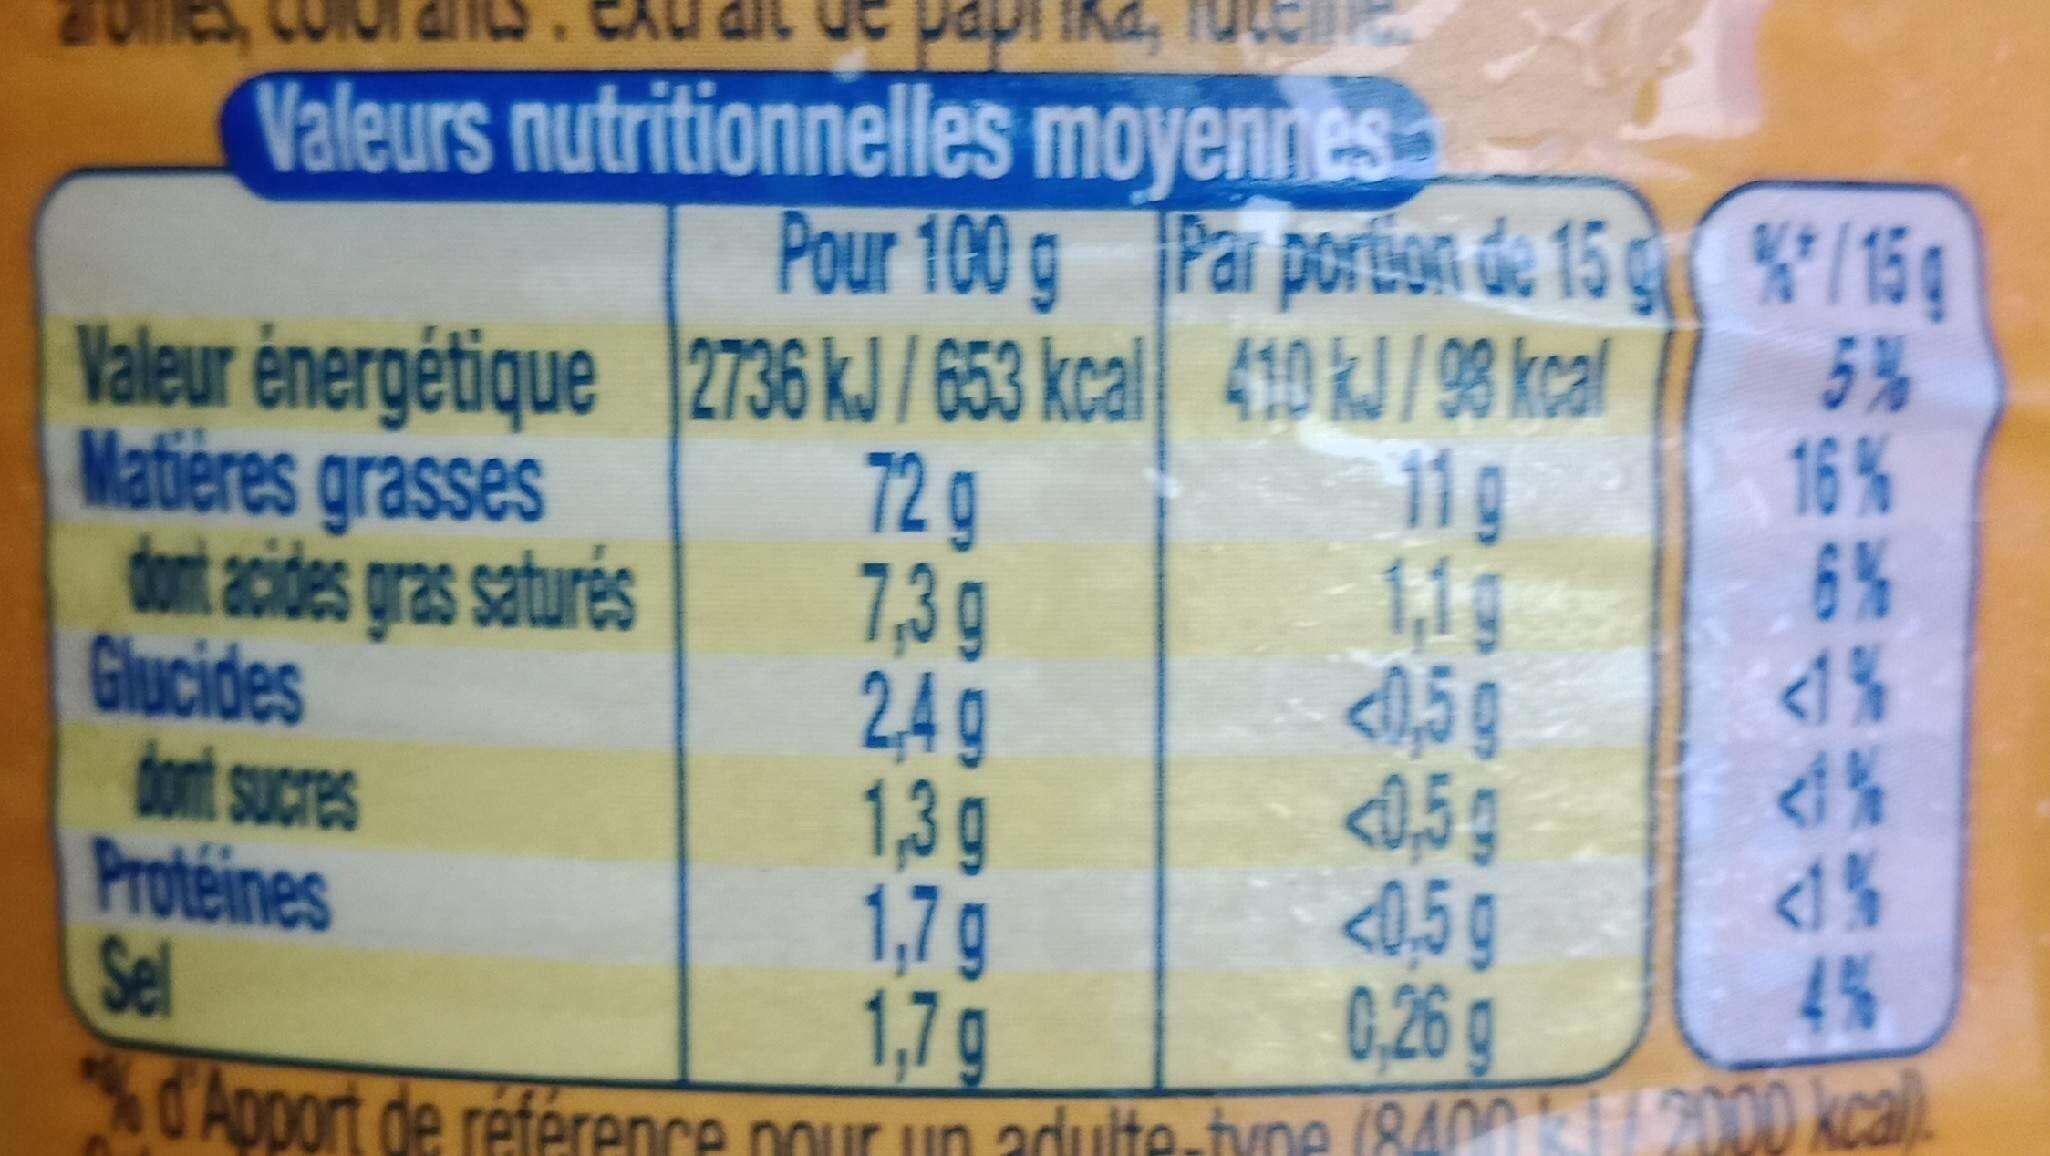 Amora mayo sans sulf - Informazioni nutrizionali - fr